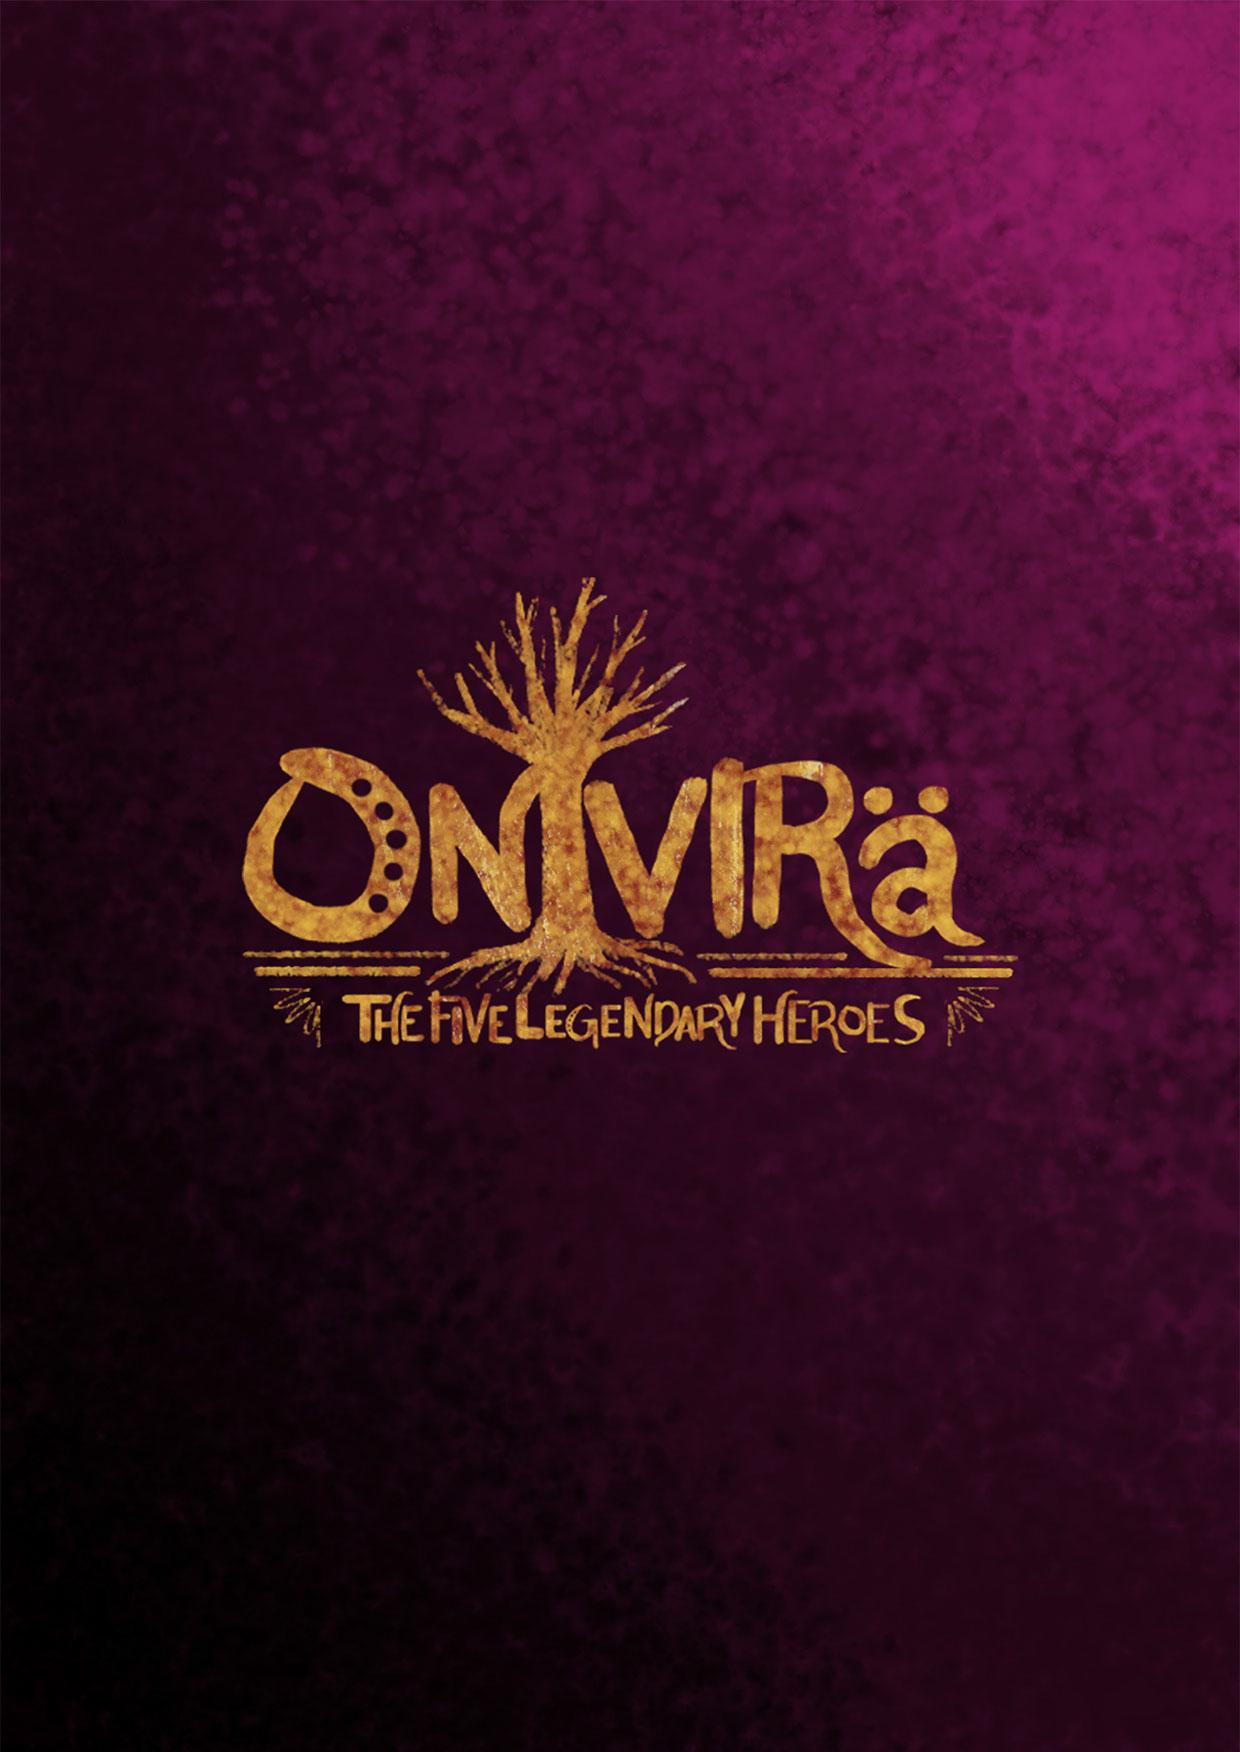 Onivira_The_Five_Legendary_Heroes_by_JuanTaka-30